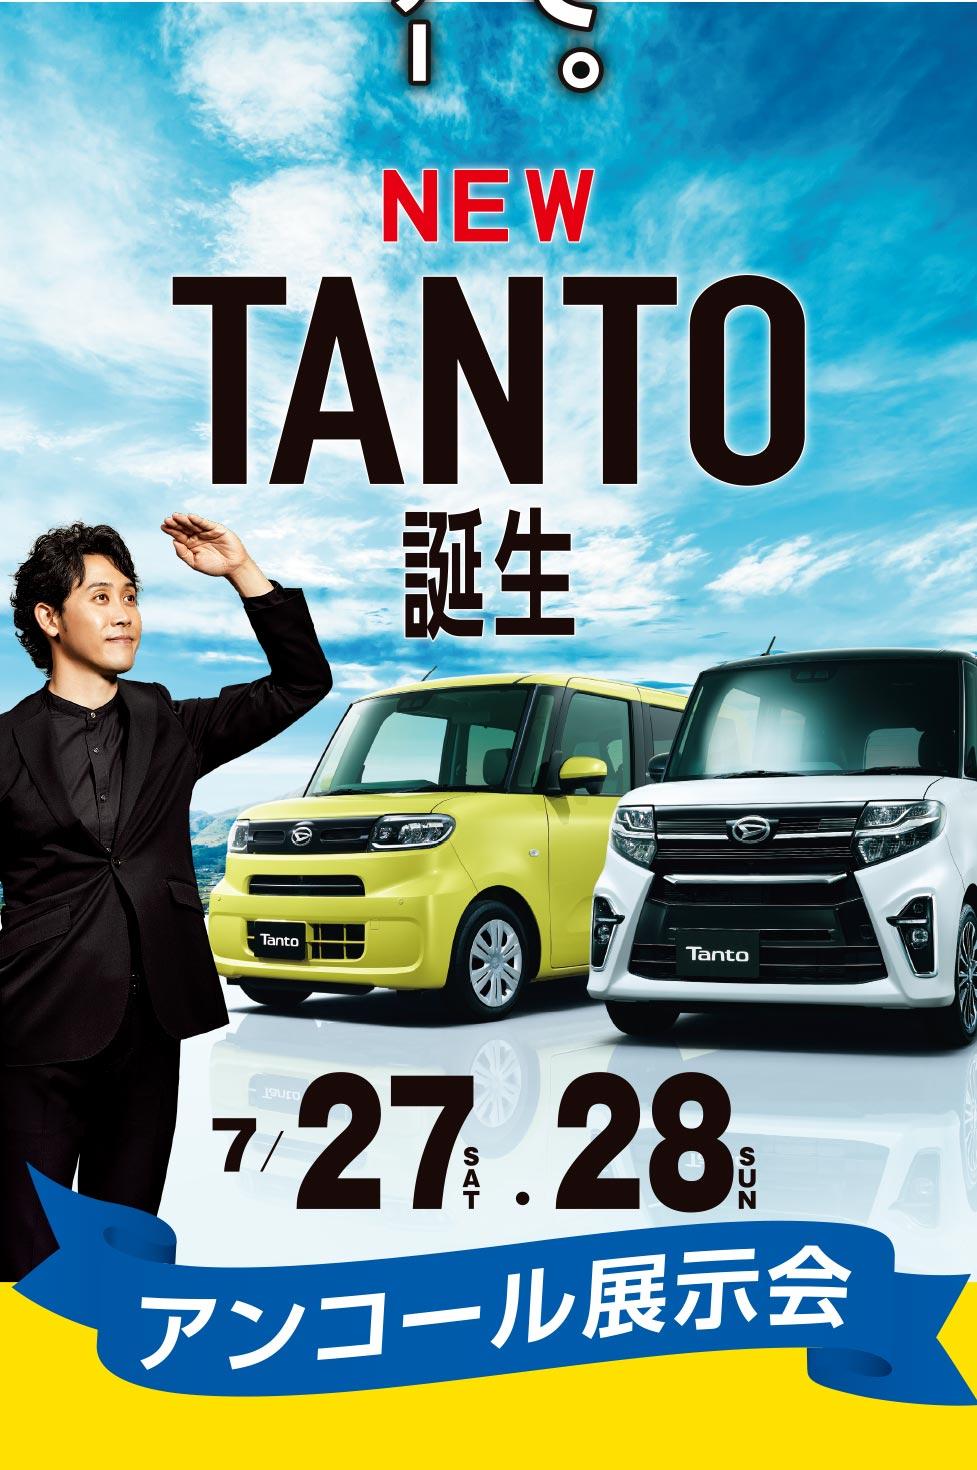 NEW TANTO誕生 アンコール展示会